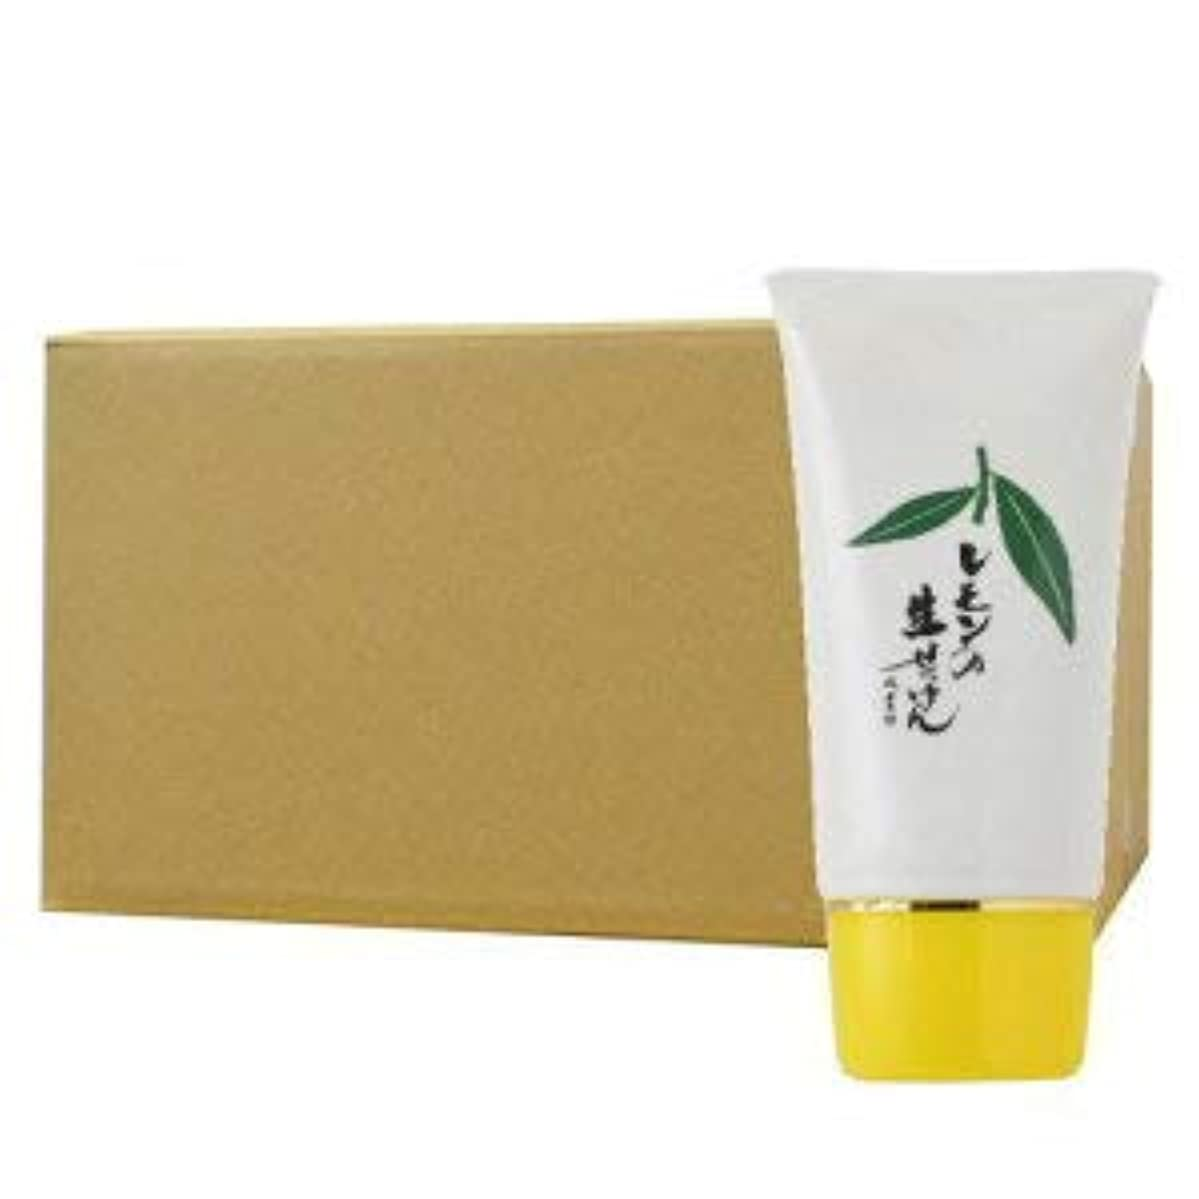 イル逆にずるいUYEKI美香柑レモンの生せっけん70g×60個セット